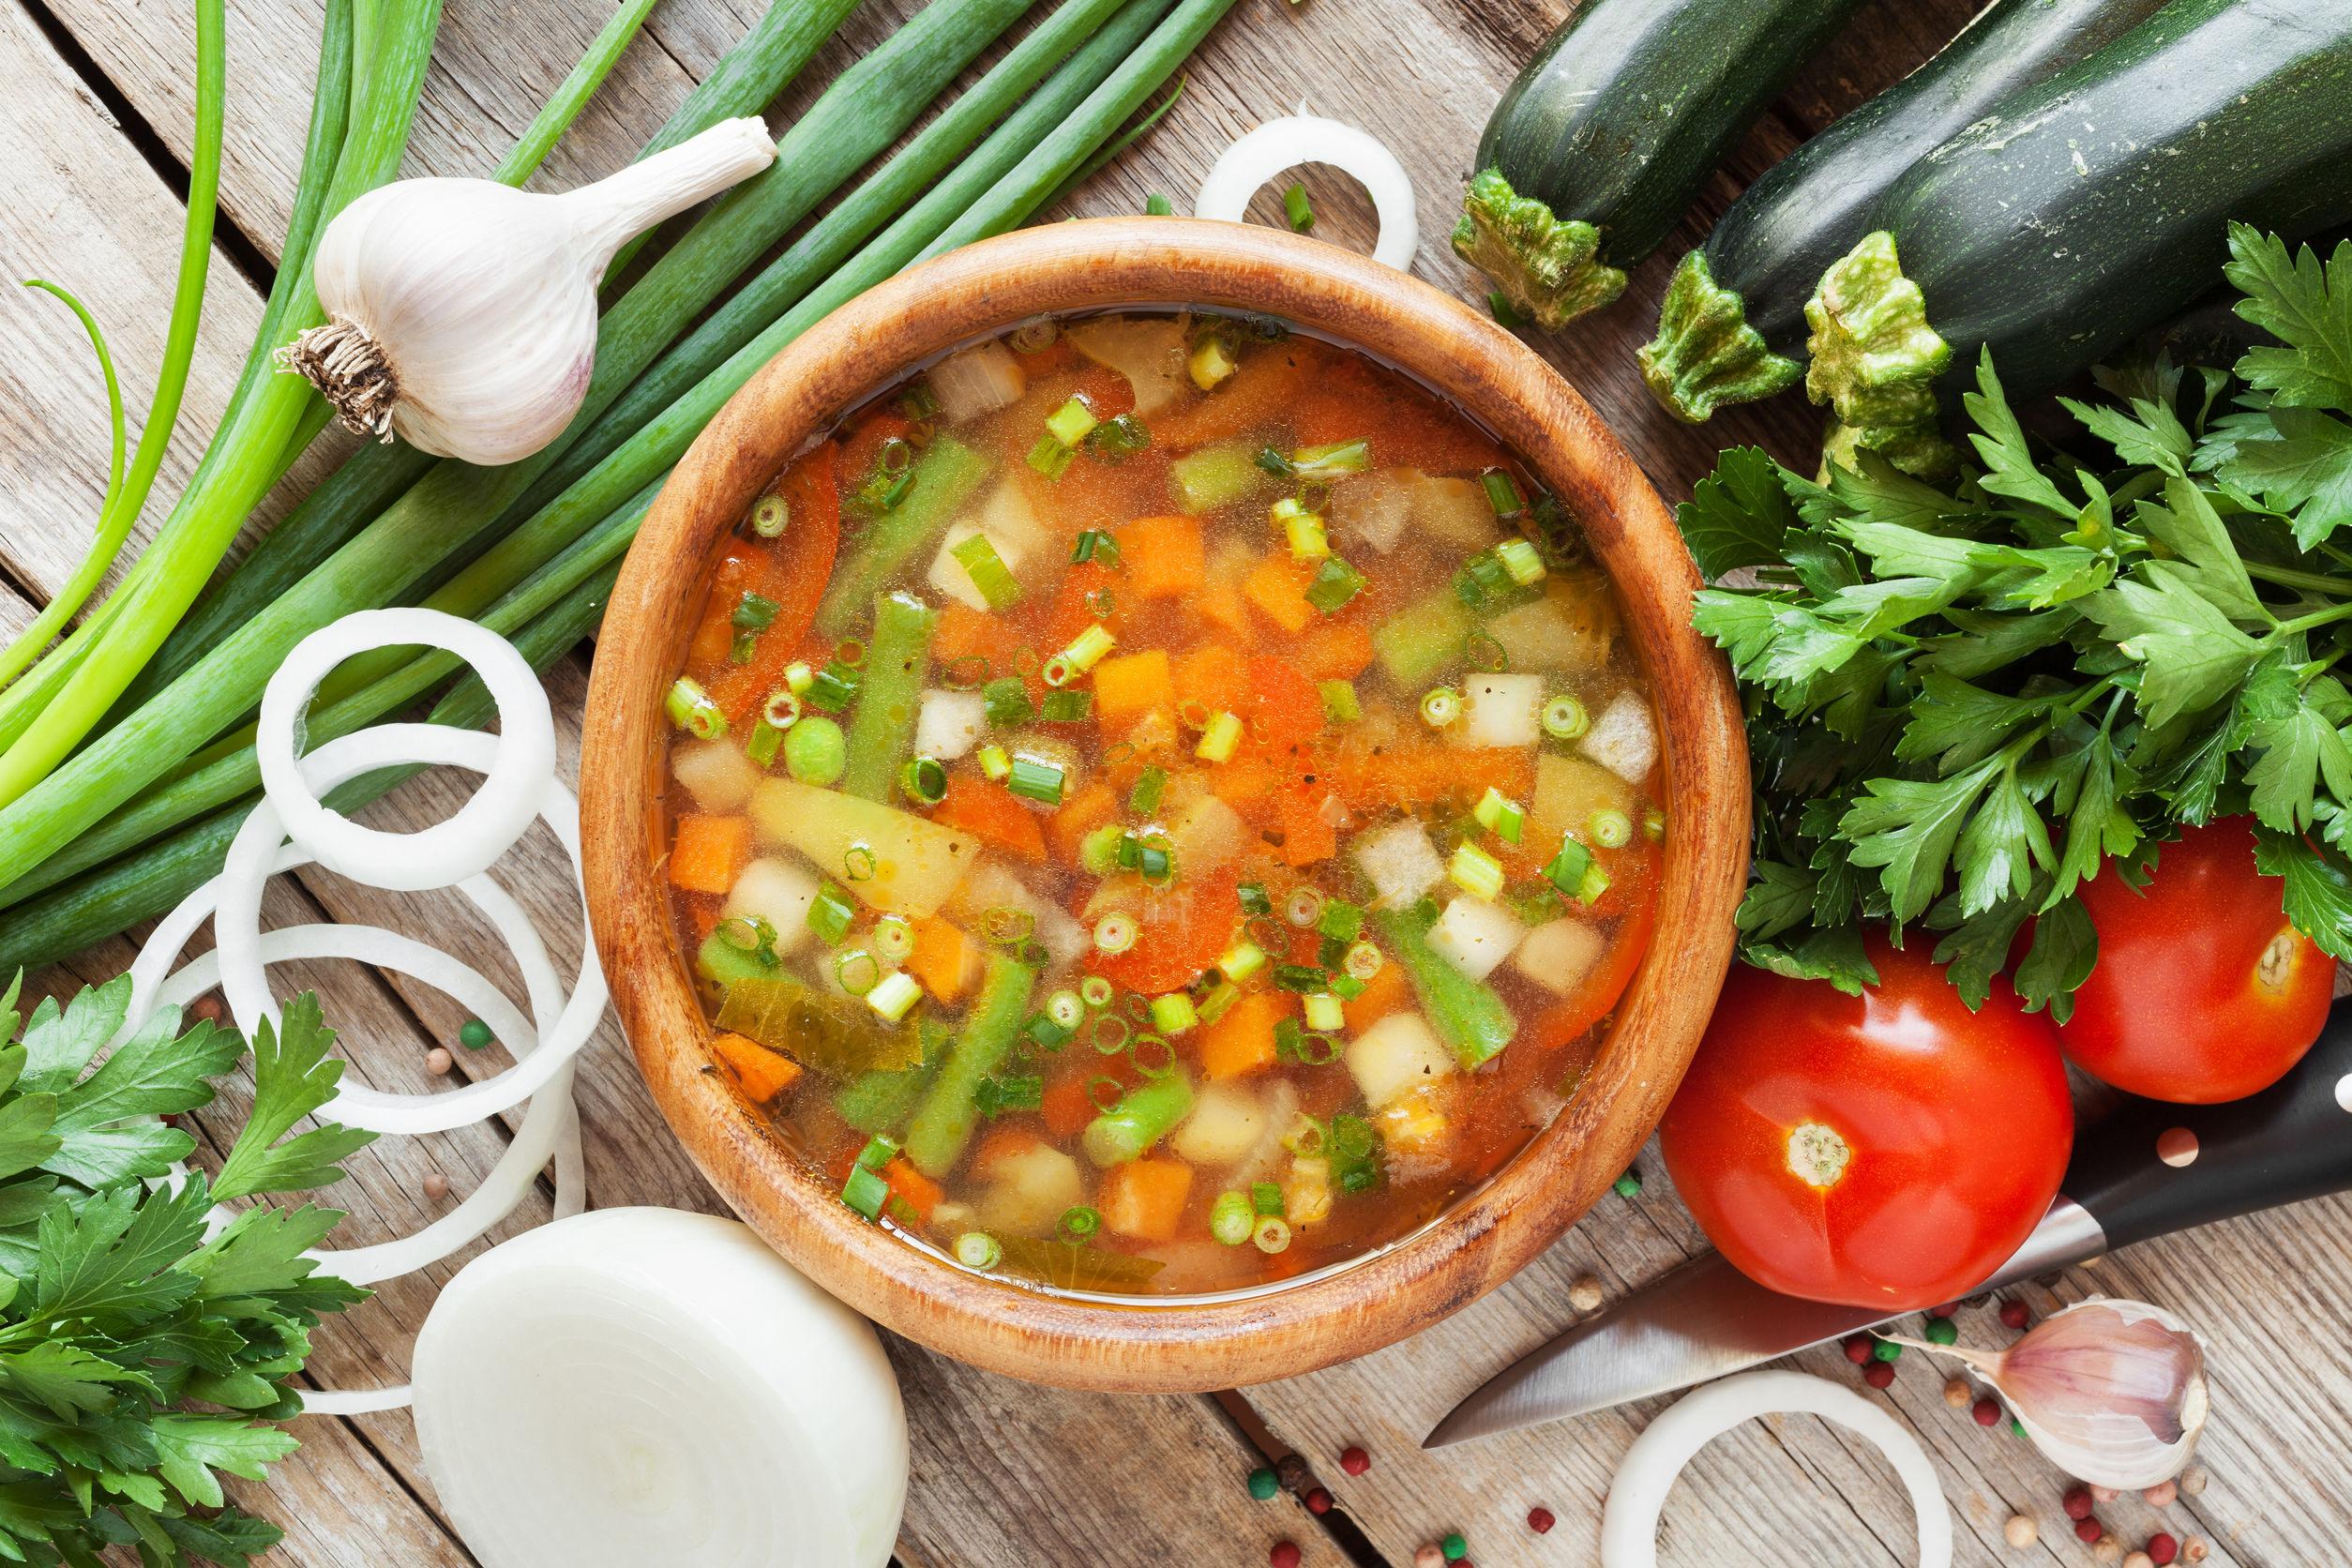 Erfrischende Gemüsesuppe